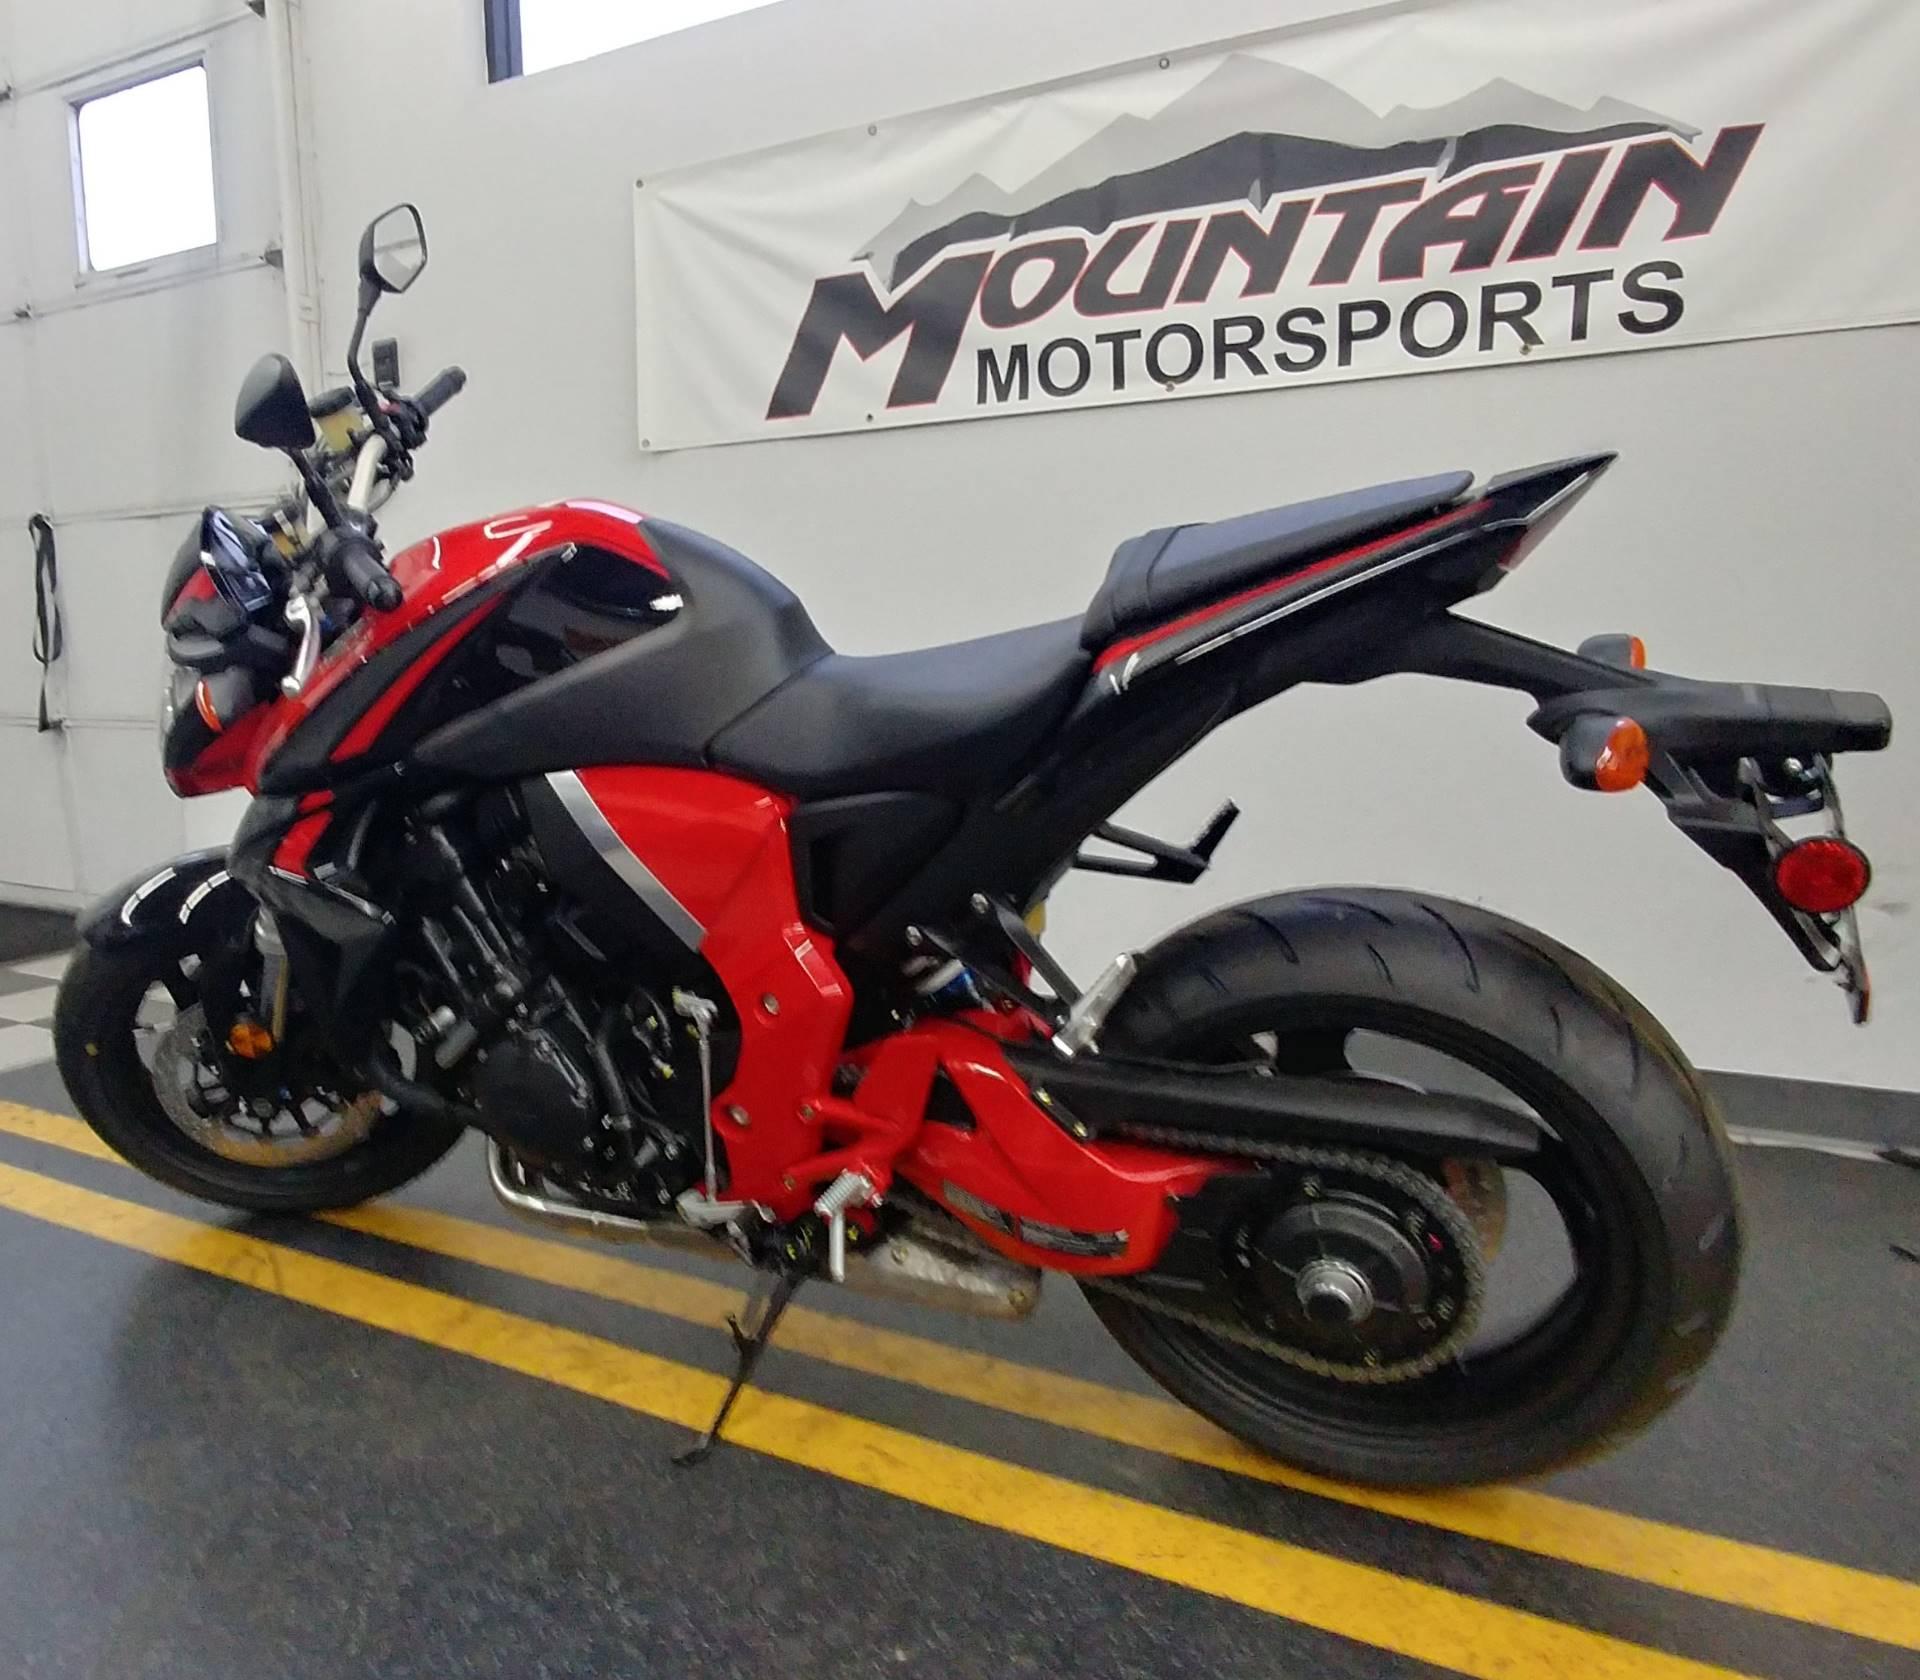 New 2016 Honda Cb1000r Motorcycles In Ontario Ca Ho18267 Black Red